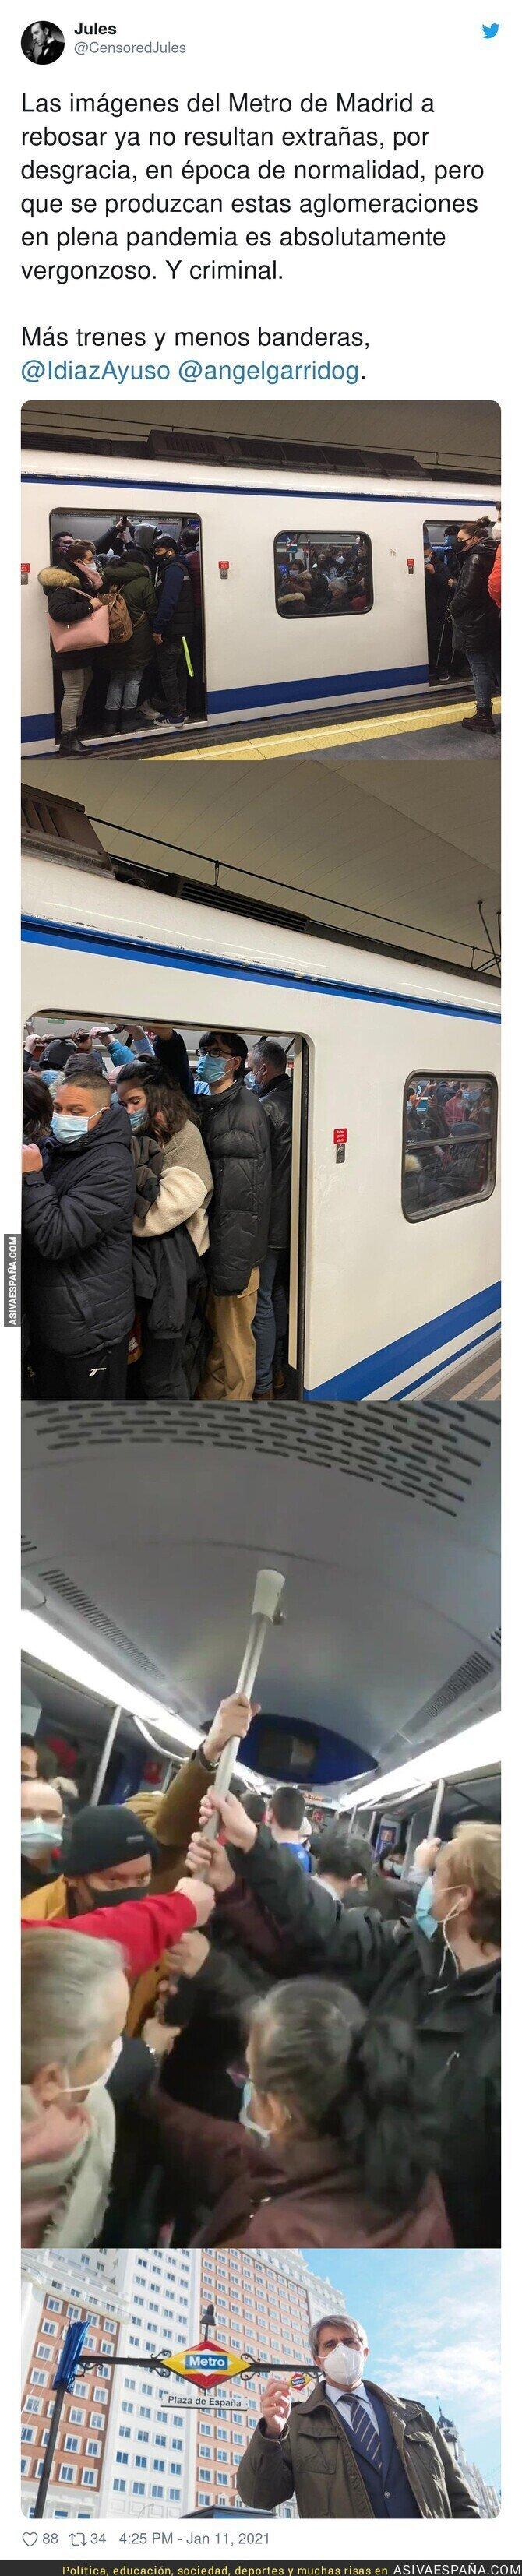 546346 - Vergüenza mundial por como Madrid trata a sus habitantes metiéndolos enlatados en el Metro